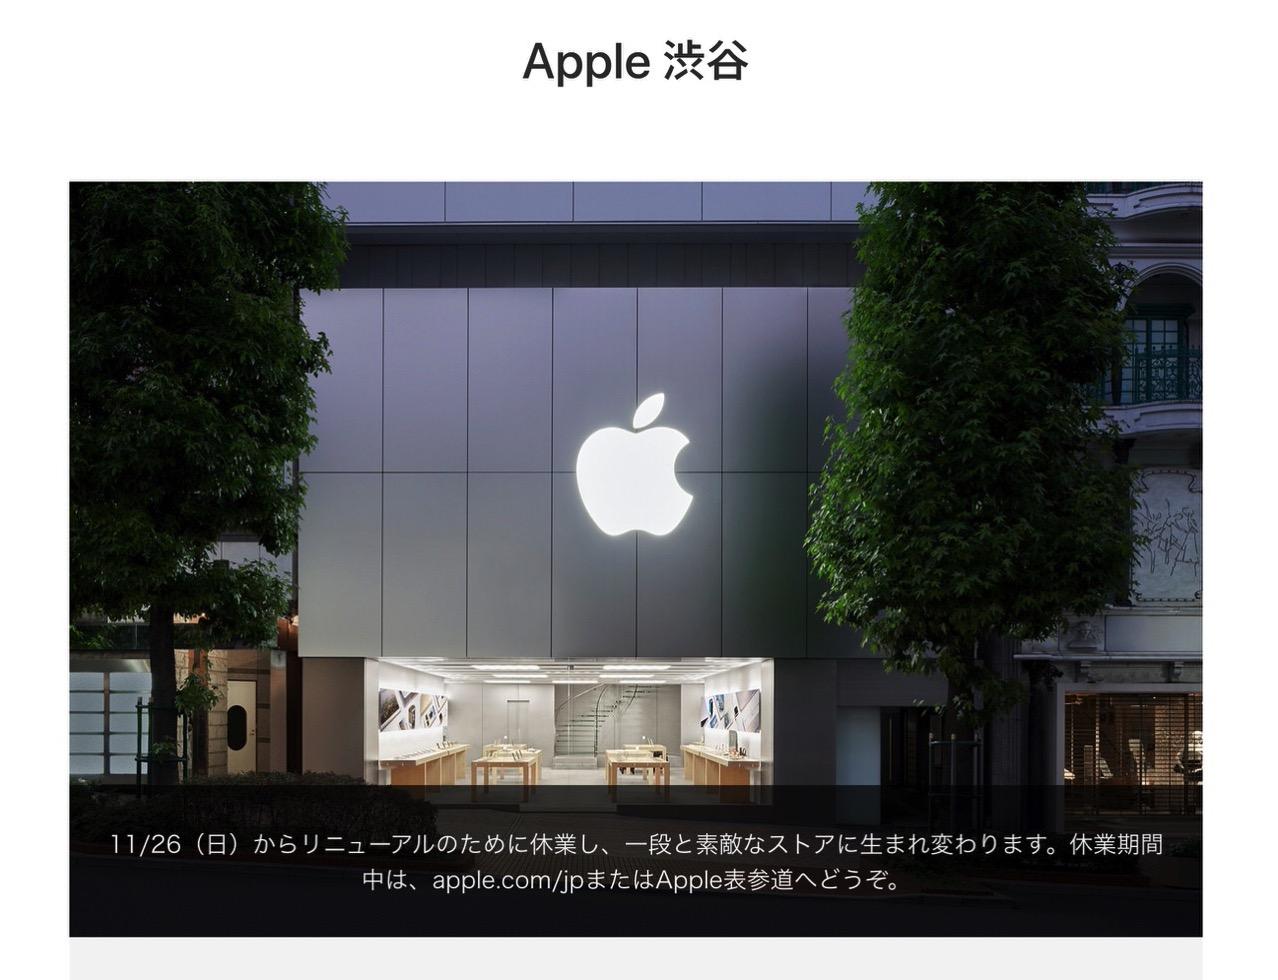 「Apple 渋谷」改装のため2017年11月26日より休業 〜2018年冬にリニューアルオープン予定